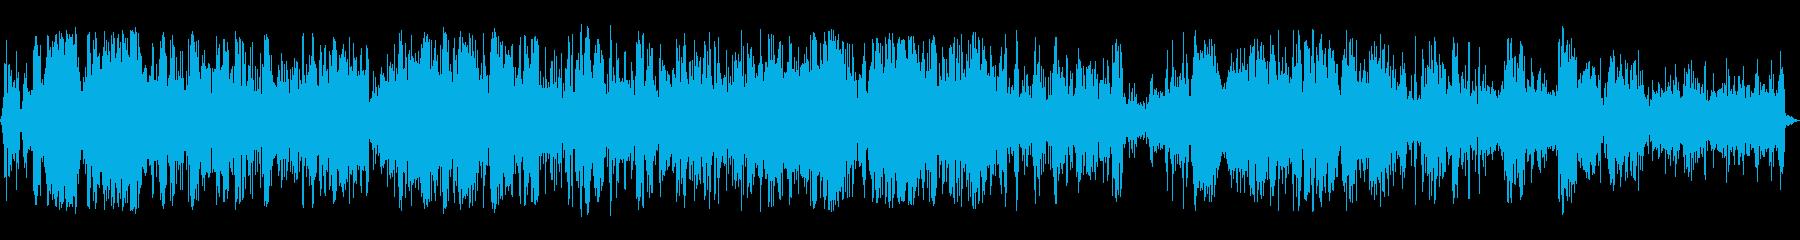 アイスブロック:ドライアイスブロッ...の再生済みの波形